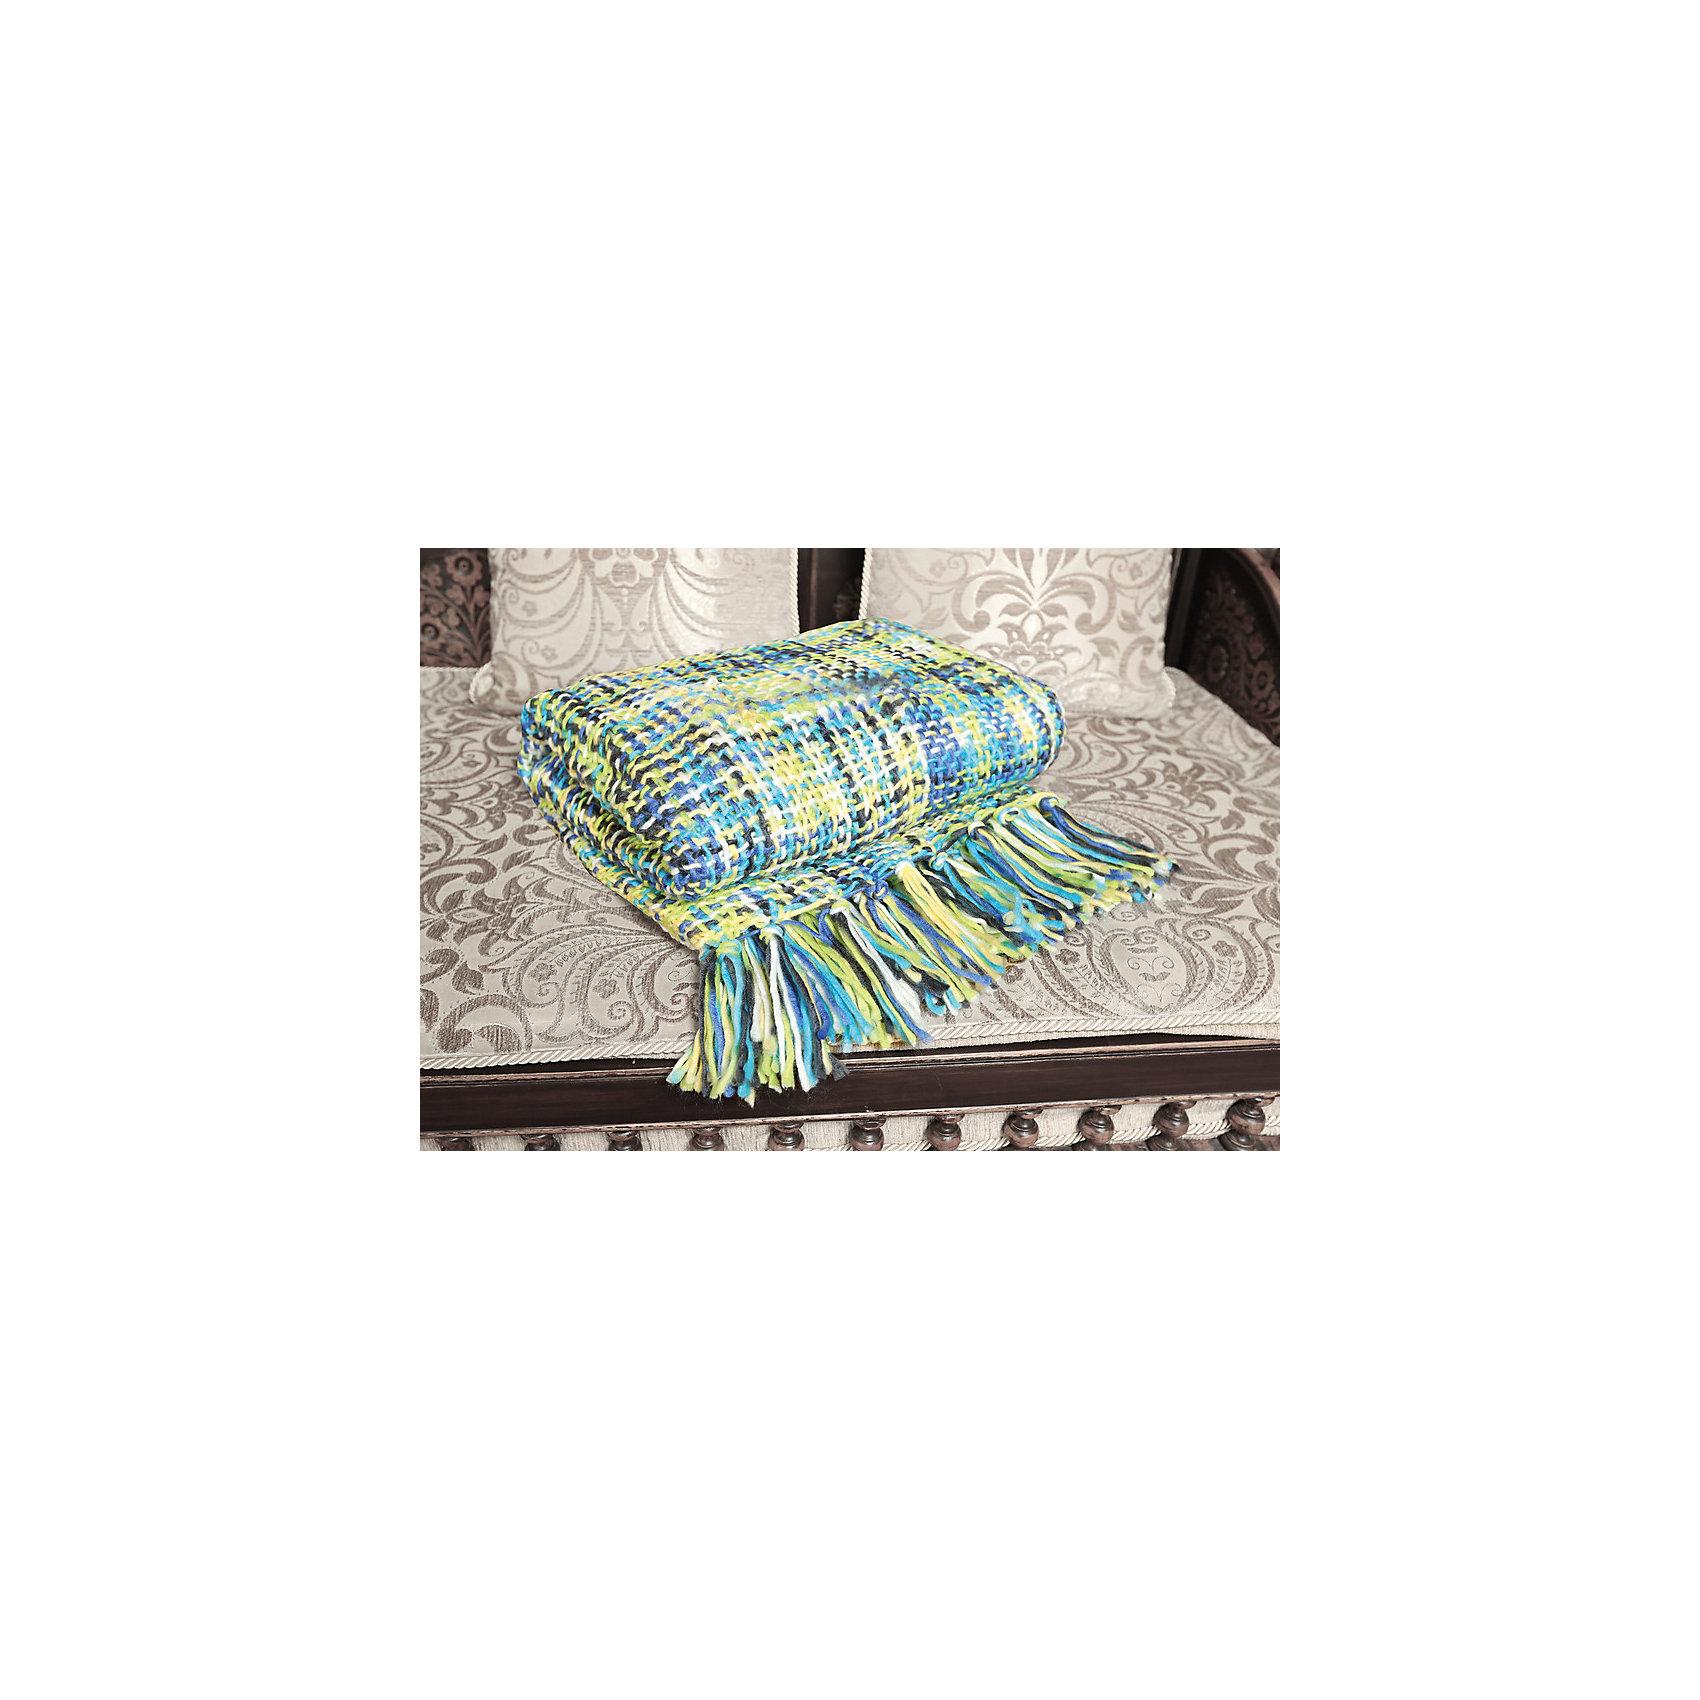 Плед Picasso, 140x180 с кистями ML Premium, Mona Liza, зеленый/бирюзовыйВязаный плед Picasso с кистями торговой марки    Mona Liza прекрасно дополнит Ваш диван, кровать или кресло. При этом изделие очень мягкое и легкое, поэтому его можно без труда брать с собой в дорогу вместо одеяла. Плед из акрила хорошо сохраняет тепло и не накапливает влагу. Изделие будет идеальным выбором для людей с чувствительной кожей, ведь мягкий и приятный на ощупь плед сшит из гипоаллергенных материалов, не скатывается и не линяет. Легко стирается и быстро сохнет.<br><br>Дополнительная информация: <br><br>- цвет: зеленый/бирюзовый<br>- состав: акрил<br>- тип плед<br>- серия: premium<br>- ширина: 140 см<br>- длина: 180 см<br>- материал: акрил<br>- размерность:  полутораспальный<br>- упаковка: пакет<br>- размер упаковки (дхшхв): 29 * 35 * 7см<br>- вес в упаковке: 860 , г<br>- страна бренда: Россия<br>- страна производитель: Россия<br><br>Плед Picasso торговой марки  Мона Лиза можно купить в нашем интернет-магазине.<br><br>Ширина мм: 290<br>Глубина мм: 80<br>Высота мм: 350<br>Вес г: 1000<br>Возраст от месяцев: 84<br>Возраст до месяцев: 1188<br>Пол: Унисекс<br>Возраст: Детский<br>SKU: 4902119